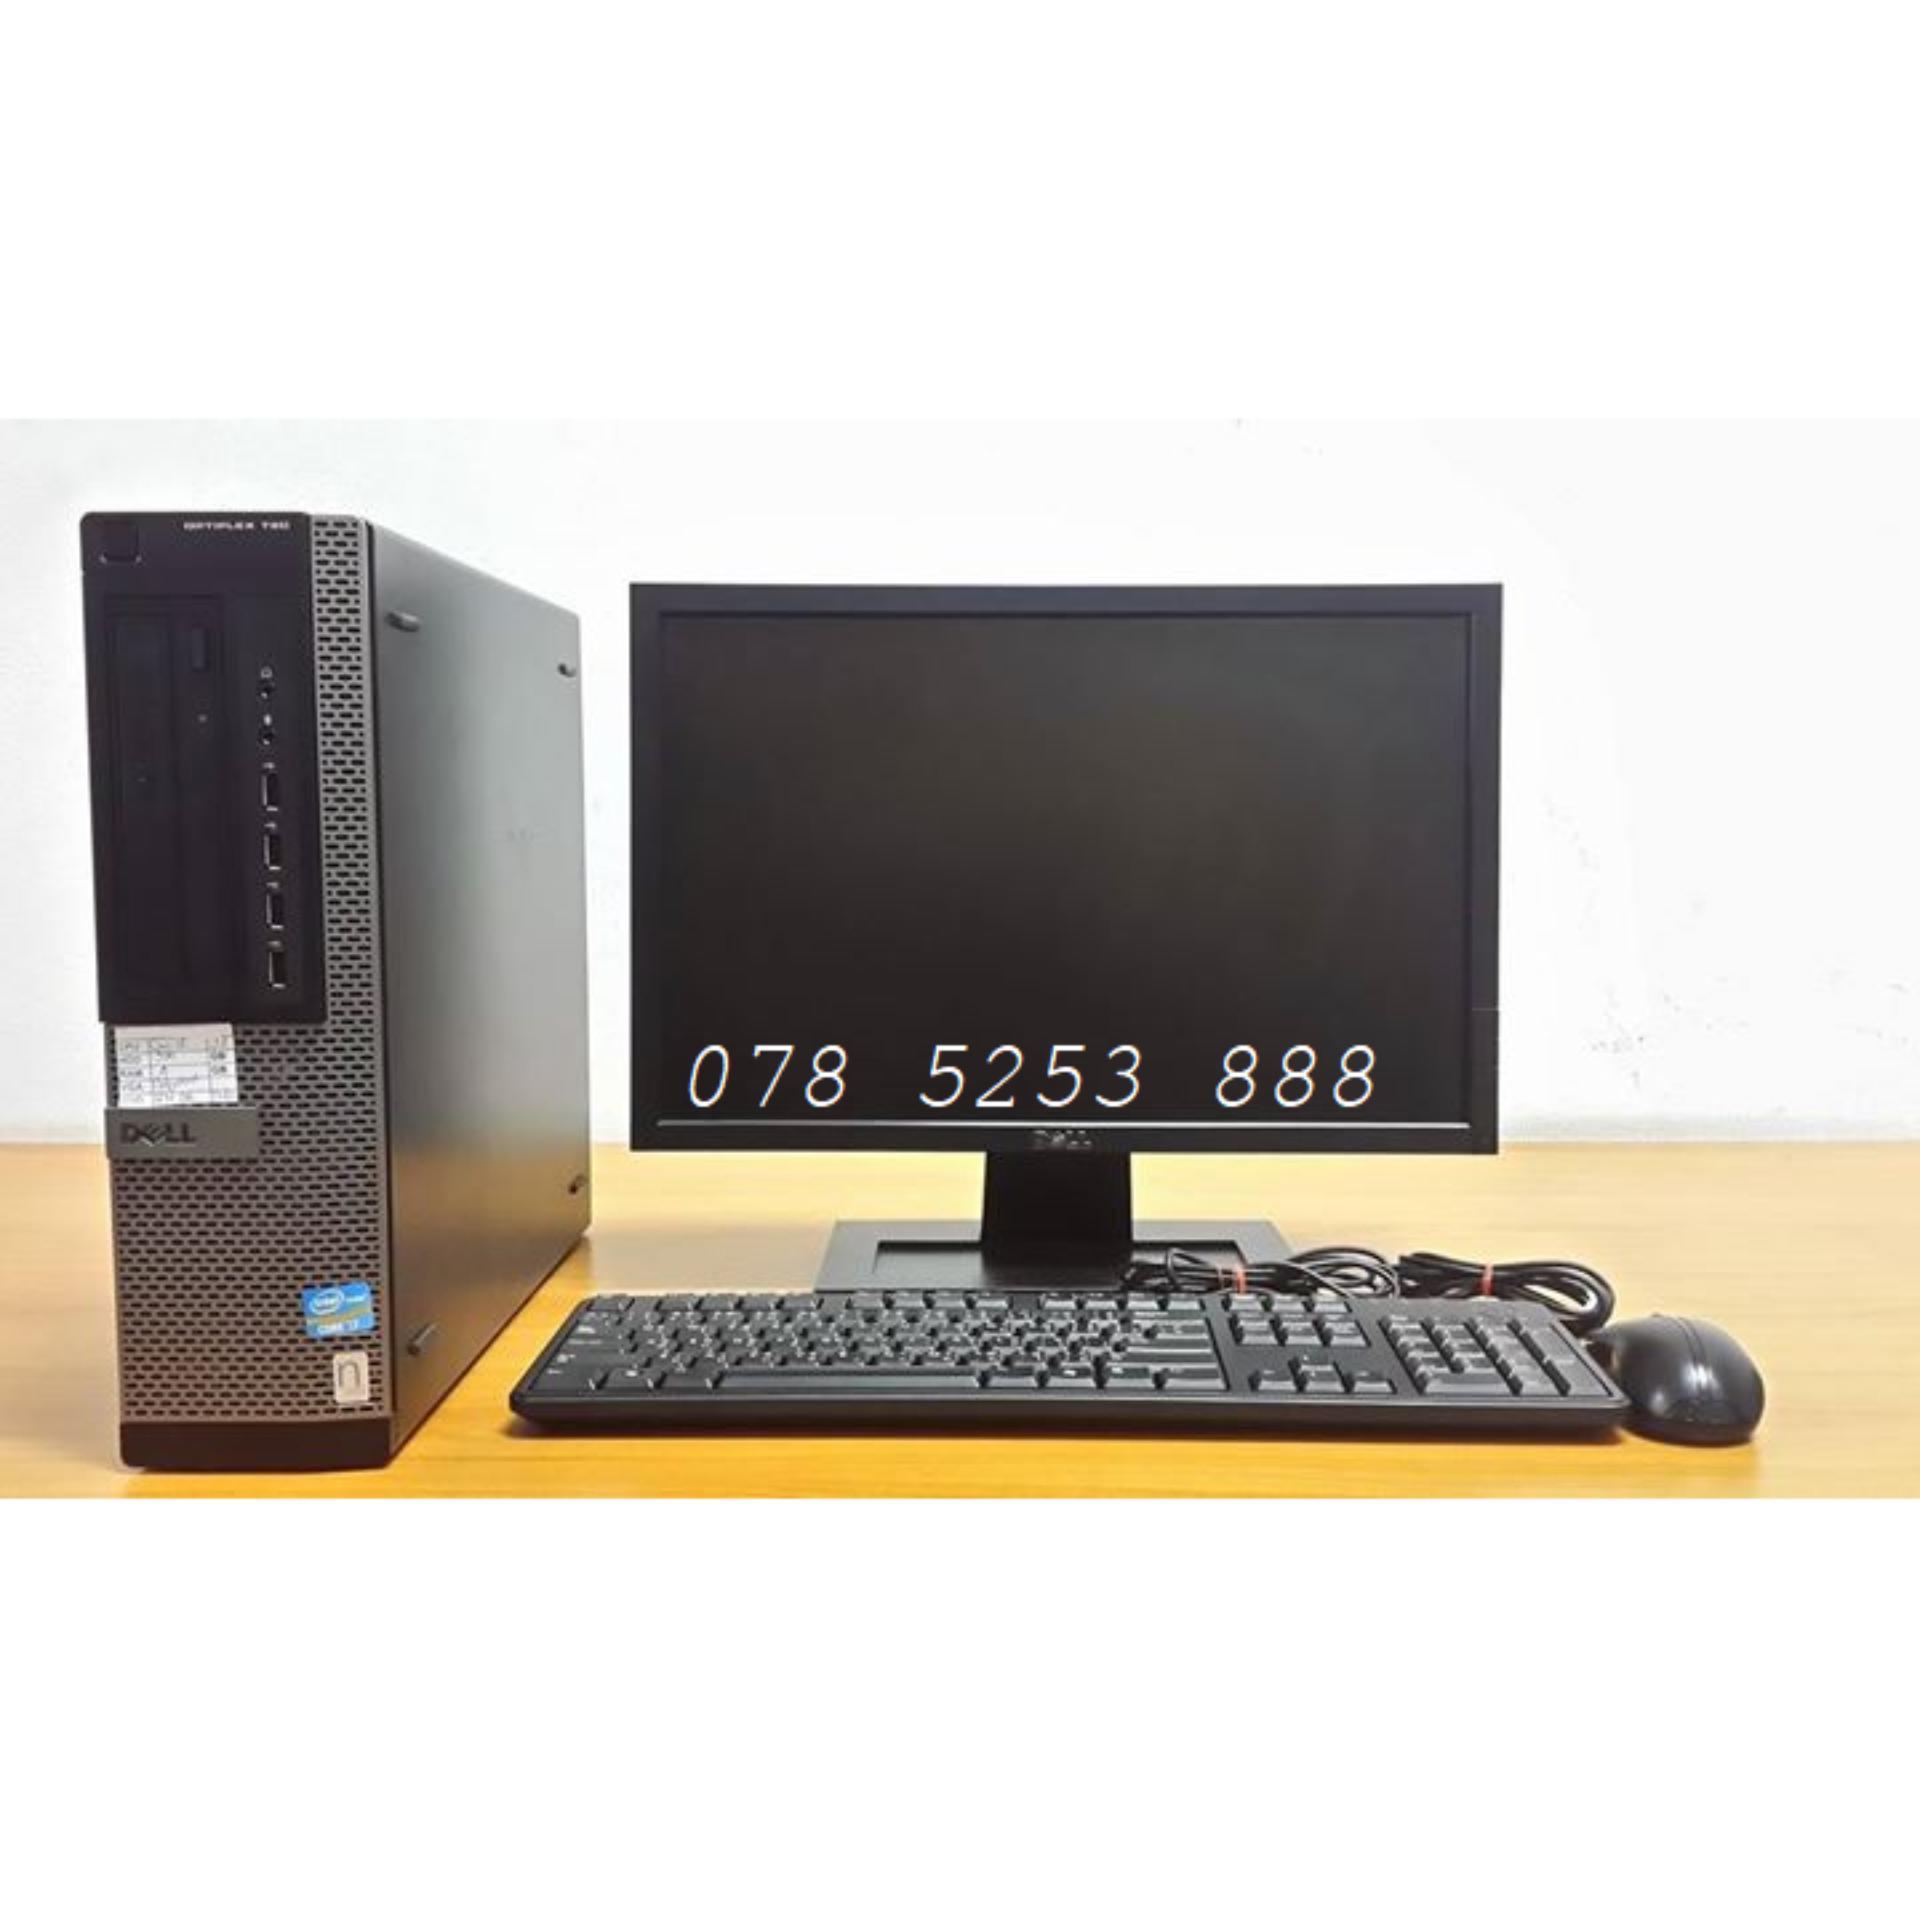 Bộ Máy tính để bàn Dell Optiplex 9010 ( Core i5 3450 /4G/500G ) & Màn hình DELL 18.5 Wide LED + Tặng phím chuột Dell - Hàng Nhập Khẩu BC 9010